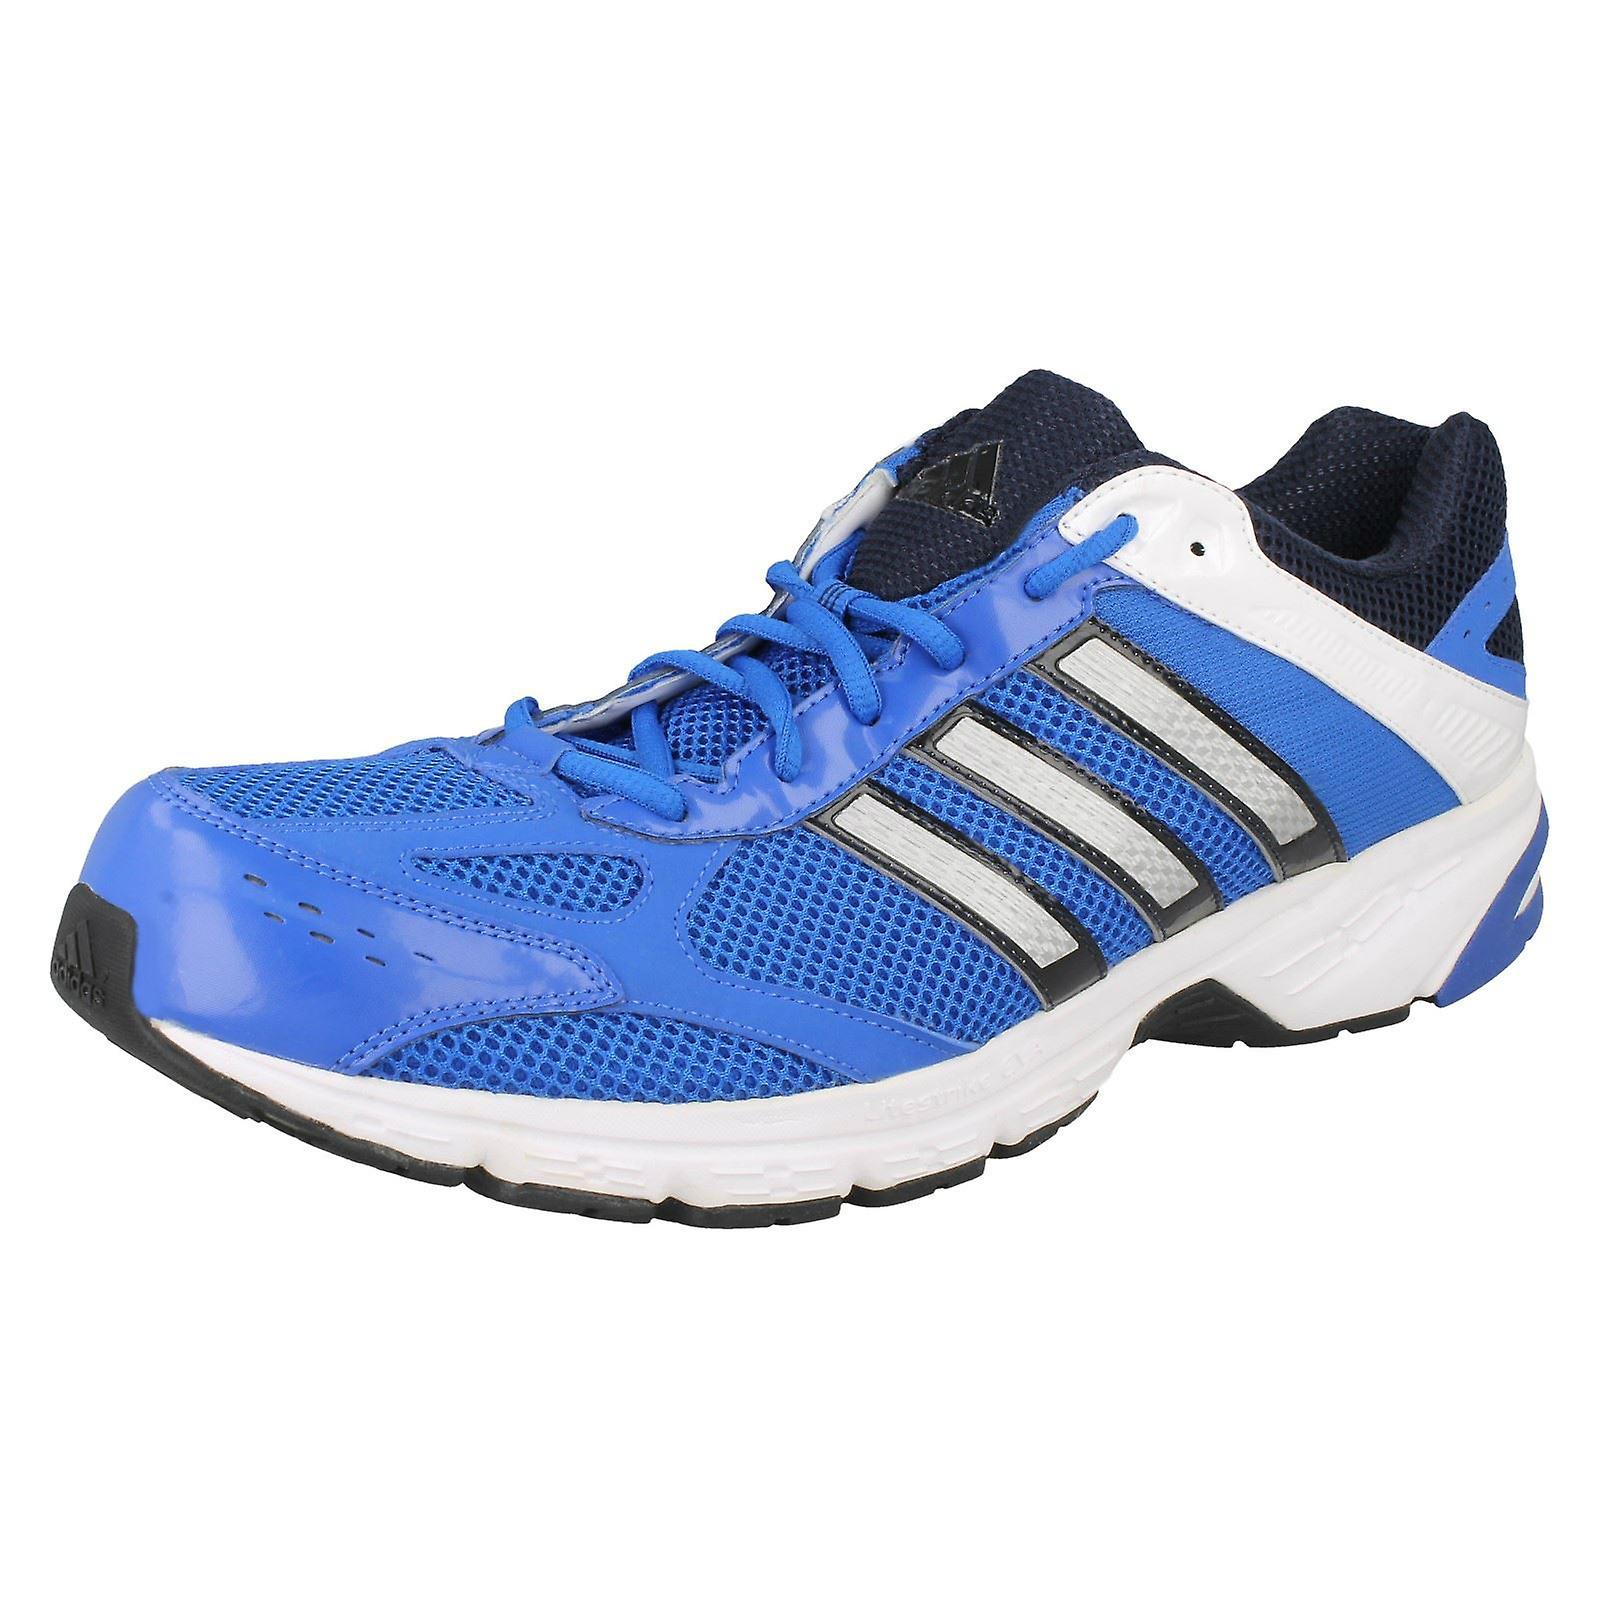 Uomo Adidas Running Duramo formatori 4m